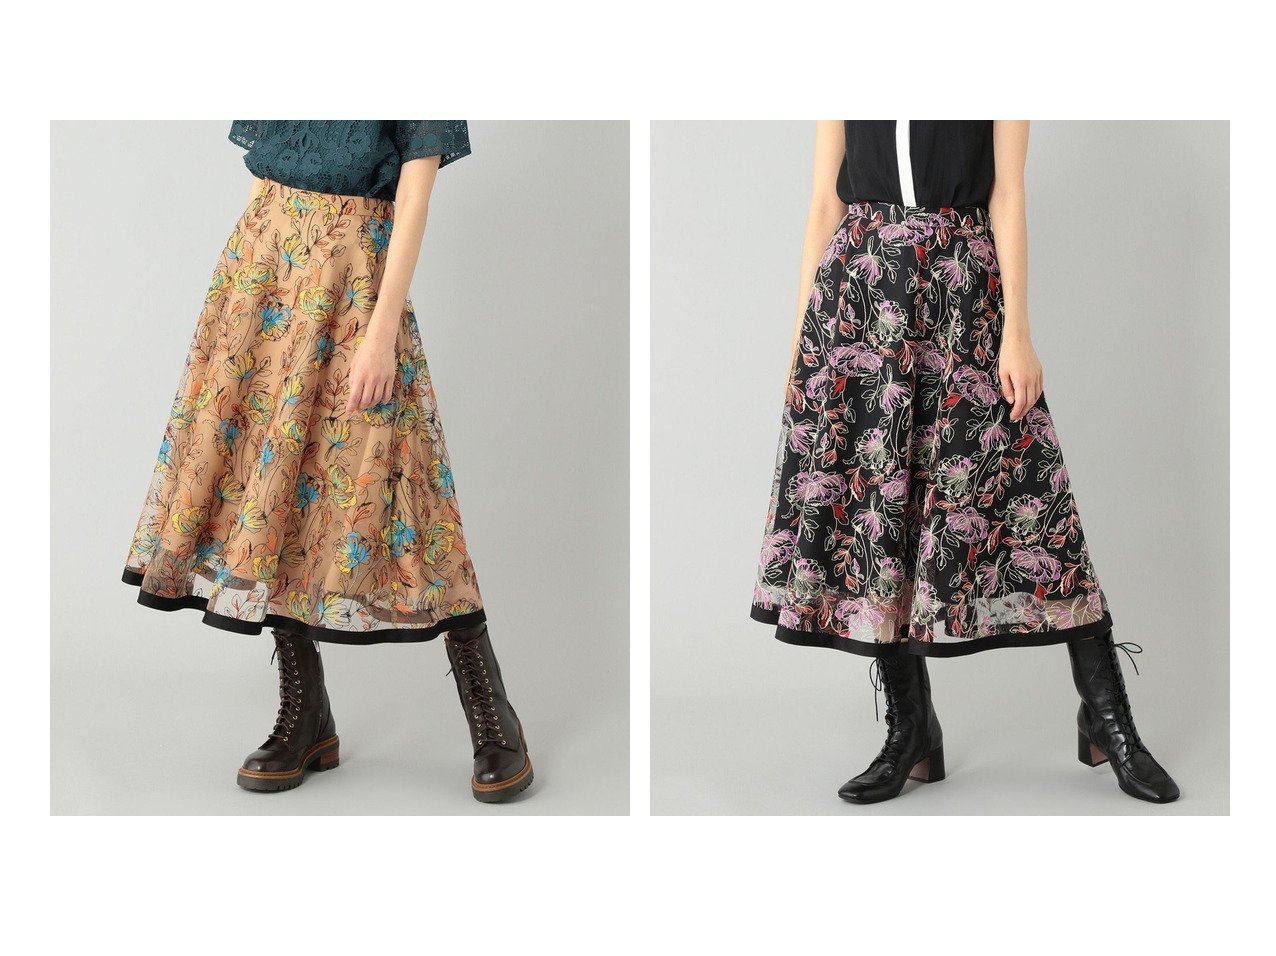 【GRACE CONTINENTAL/グレース コンチネンタル】のフラワーチュールフレアスカート 【スカート】おすすめ!人気、トレンド・レディースファッションの通販 おすすめで人気の流行・トレンド、ファッションの通販商品 インテリア・家具・メンズファッション・キッズファッション・レディースファッション・服の通販 founy(ファニー) https://founy.com/ ファッション Fashion レディースファッション WOMEN スカート Skirt Aライン/フレアスカート Flared A-Line Skirts 送料無料 Free Shipping |ID:crp329100000063747